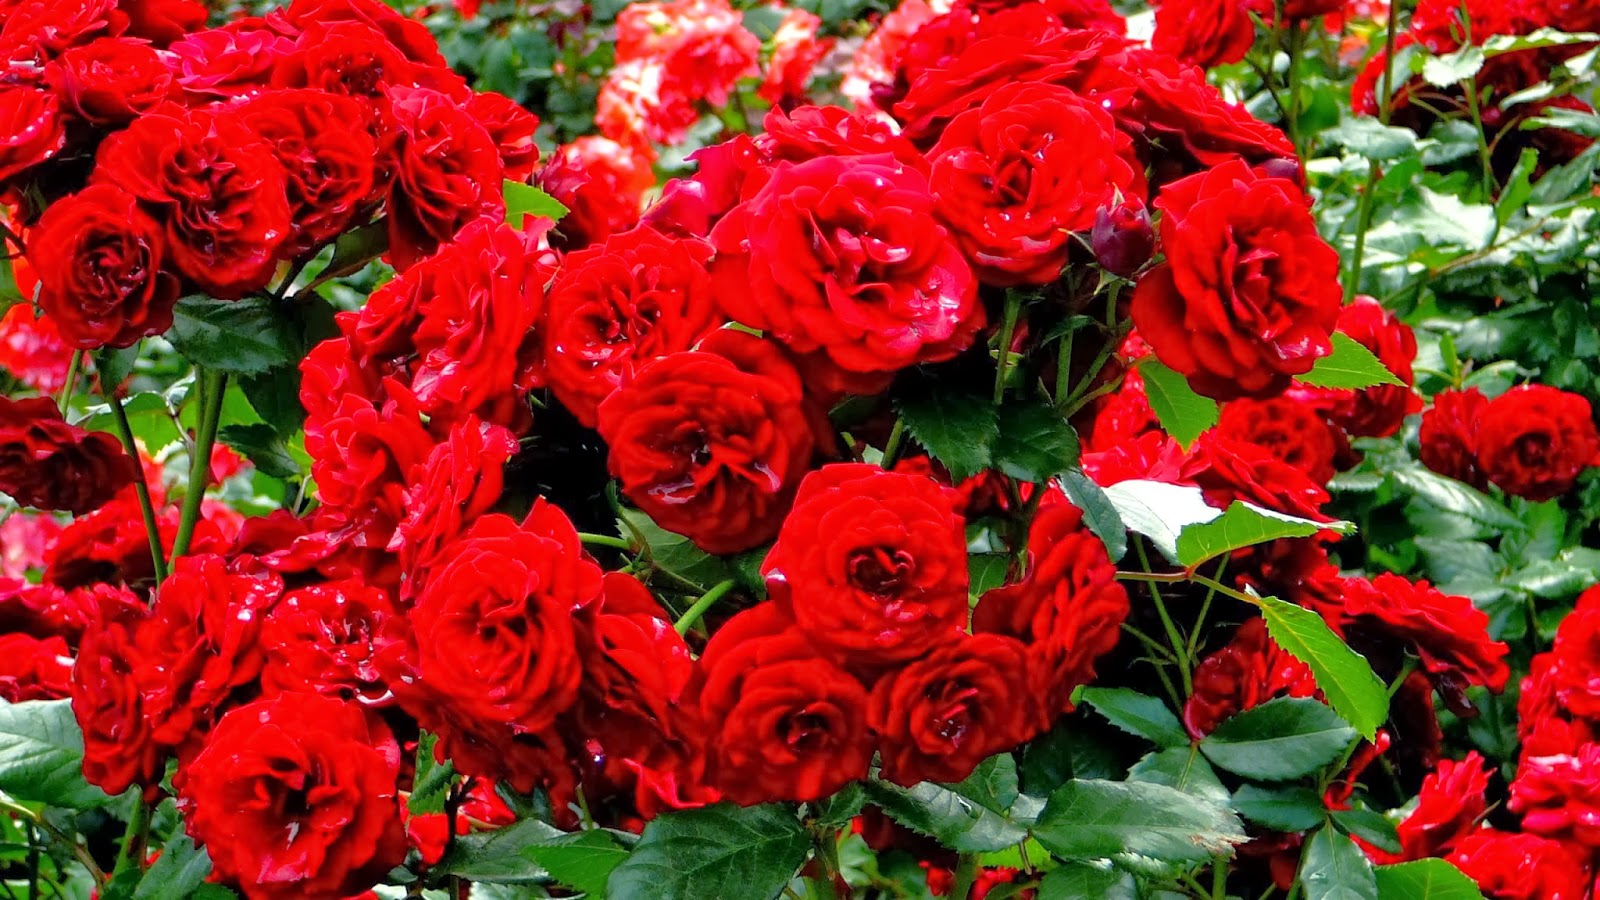 بالصور تحميل صور ورد مجانا , اجمل صور الازهار الراقية 349 7